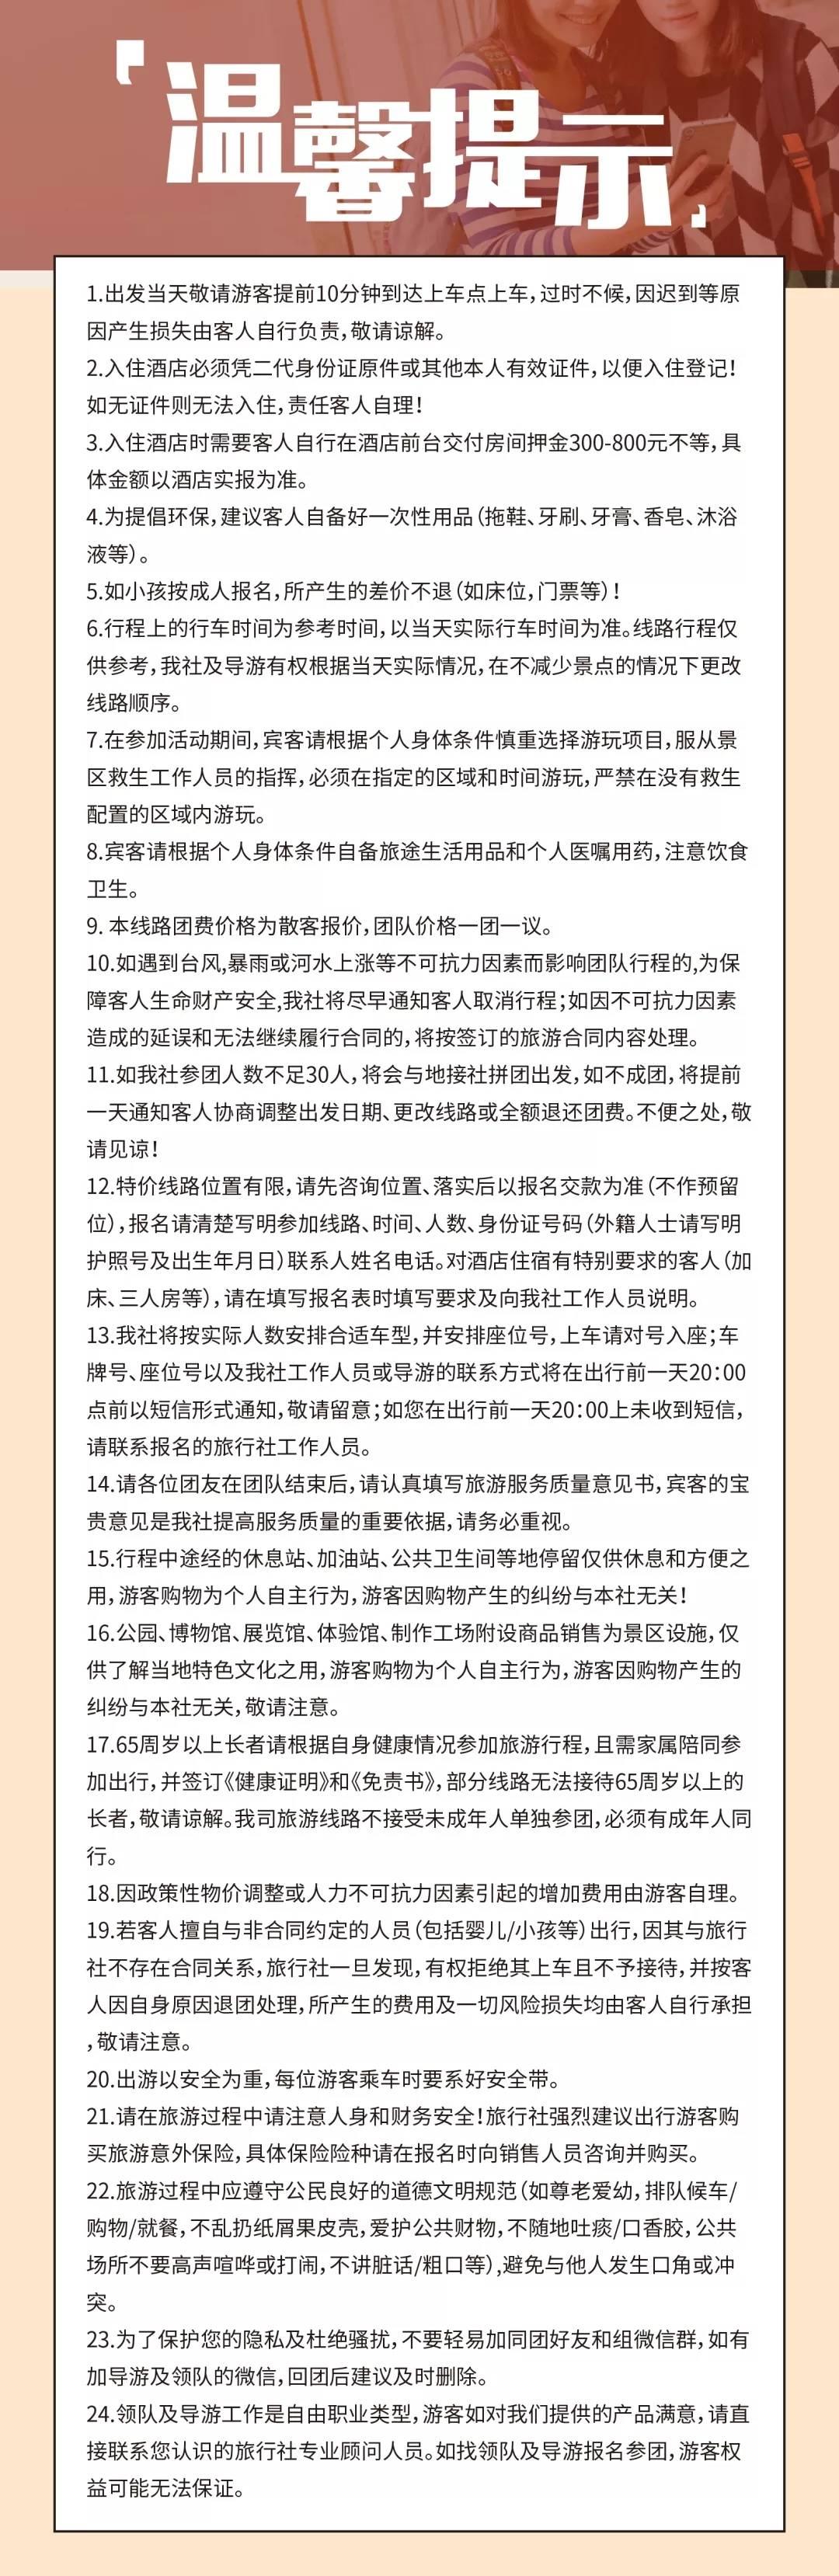 【10月天天出发 一人成团】 仅需319元/人 广州-龙门温泉直通车2天游(入住南昆山居温泉度假村)